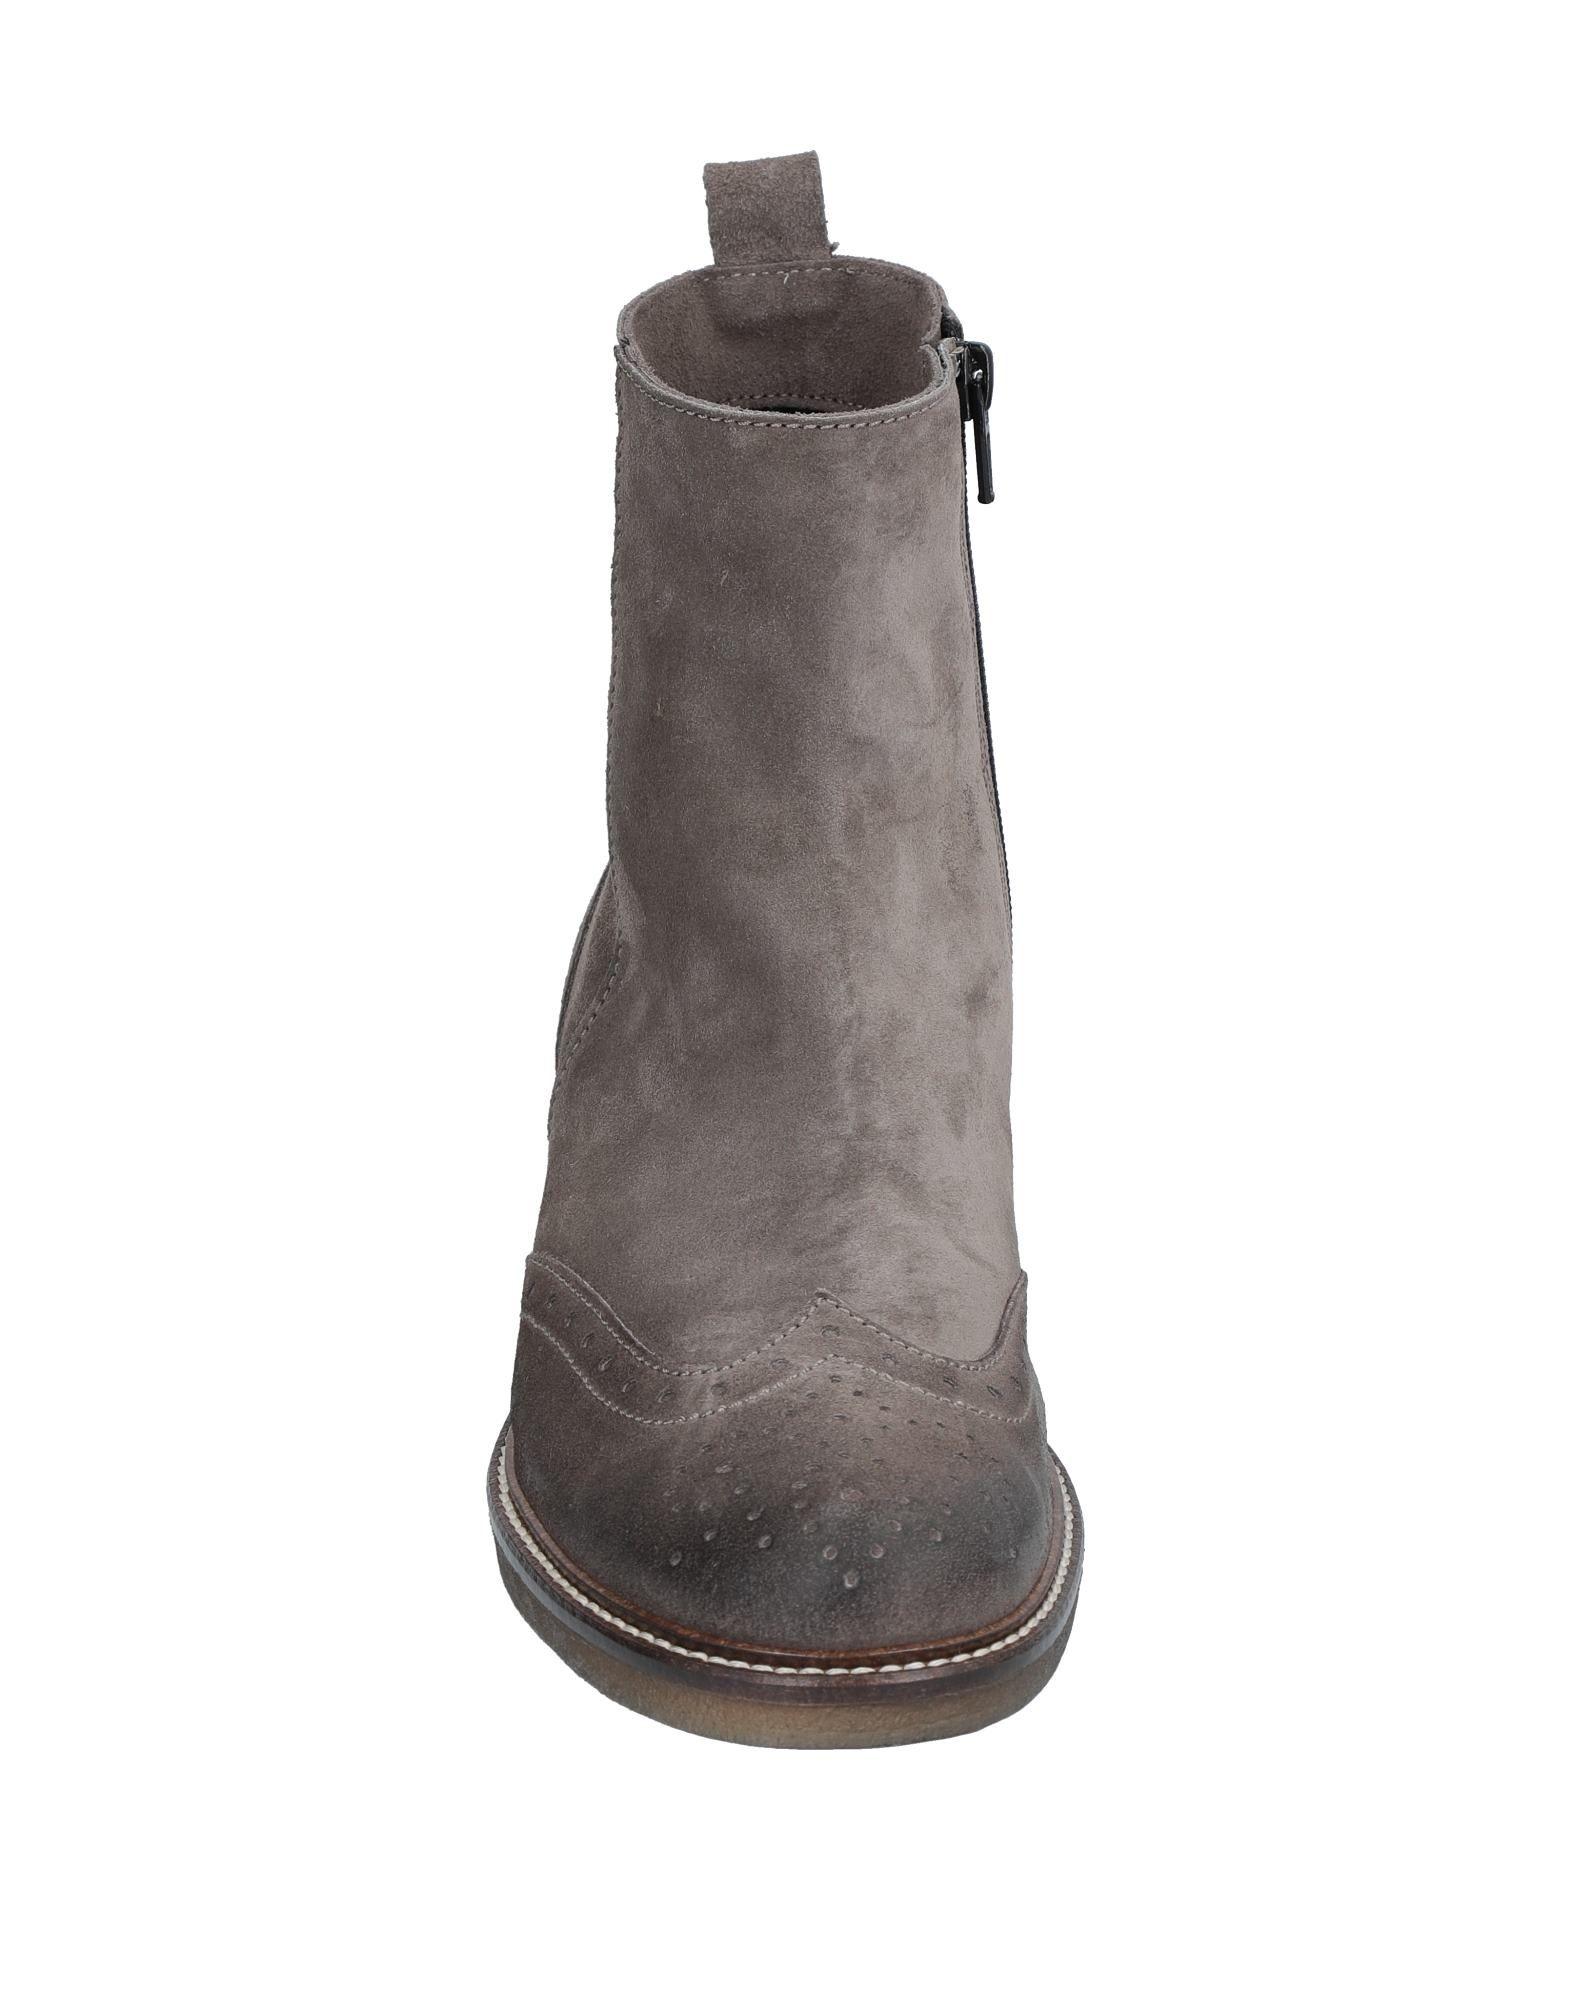 Gut tragenDonna um billige Schuhe zu tragenDonna Gut Più Stiefelette Damen  11063185SM b77be2